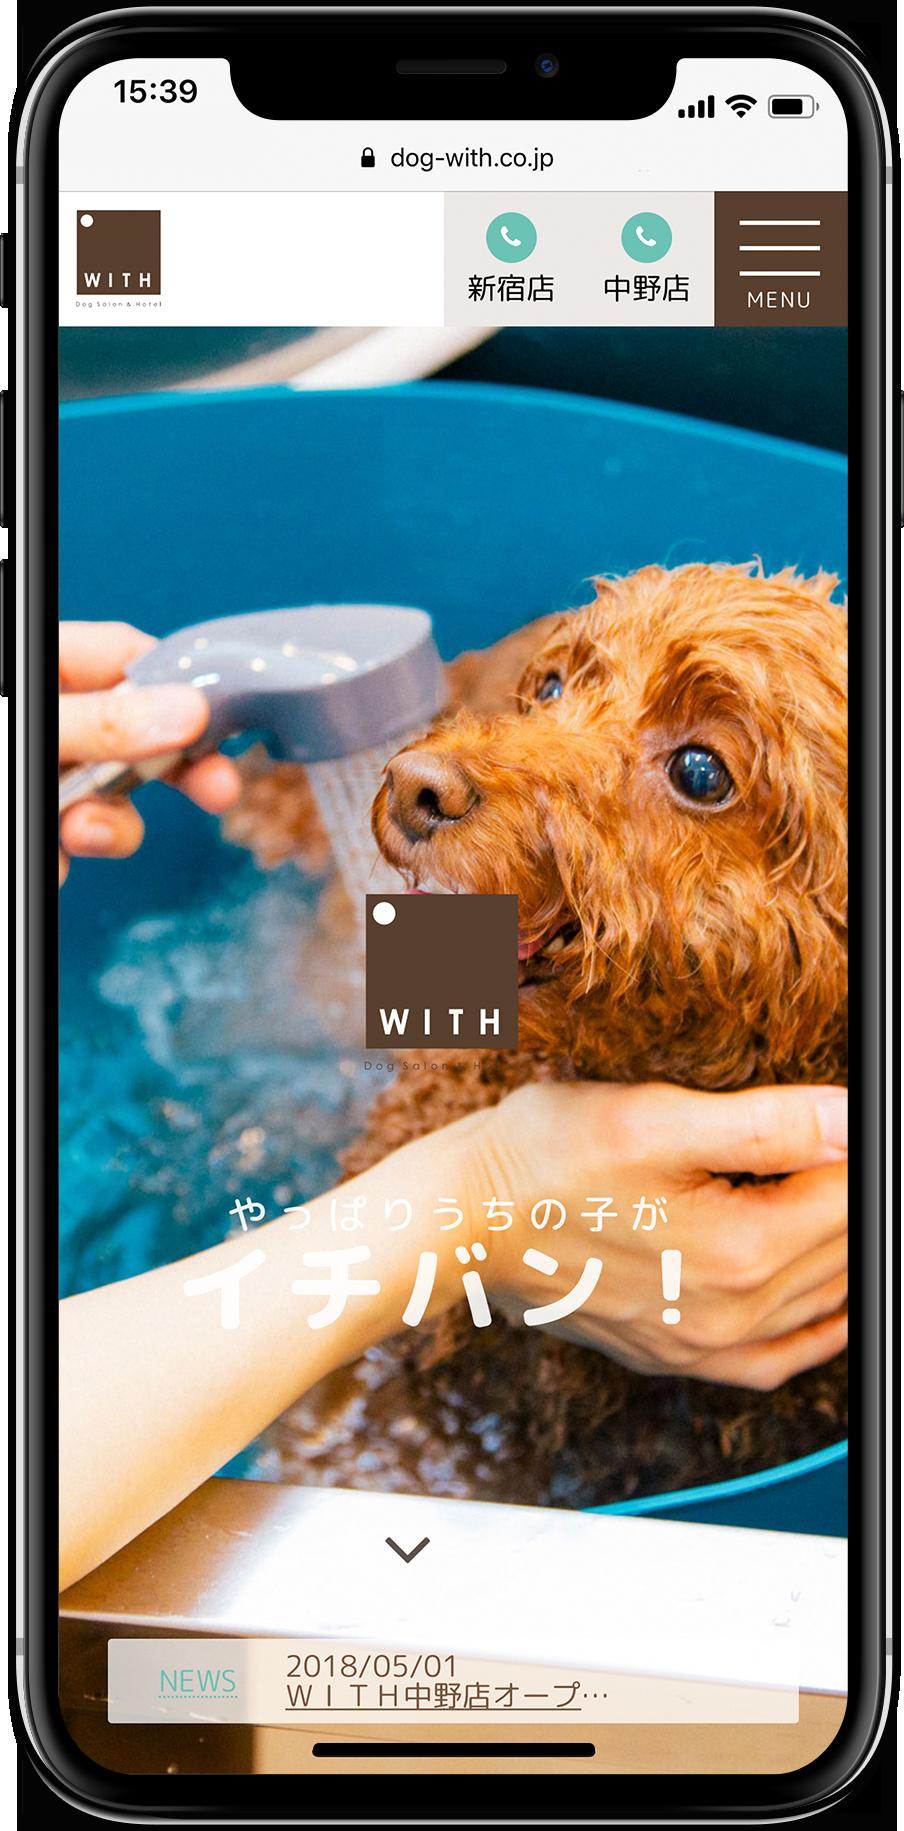 トリミングサロンWITH様のウェブサイトをリニューアルしました。スマートフォンの見た目